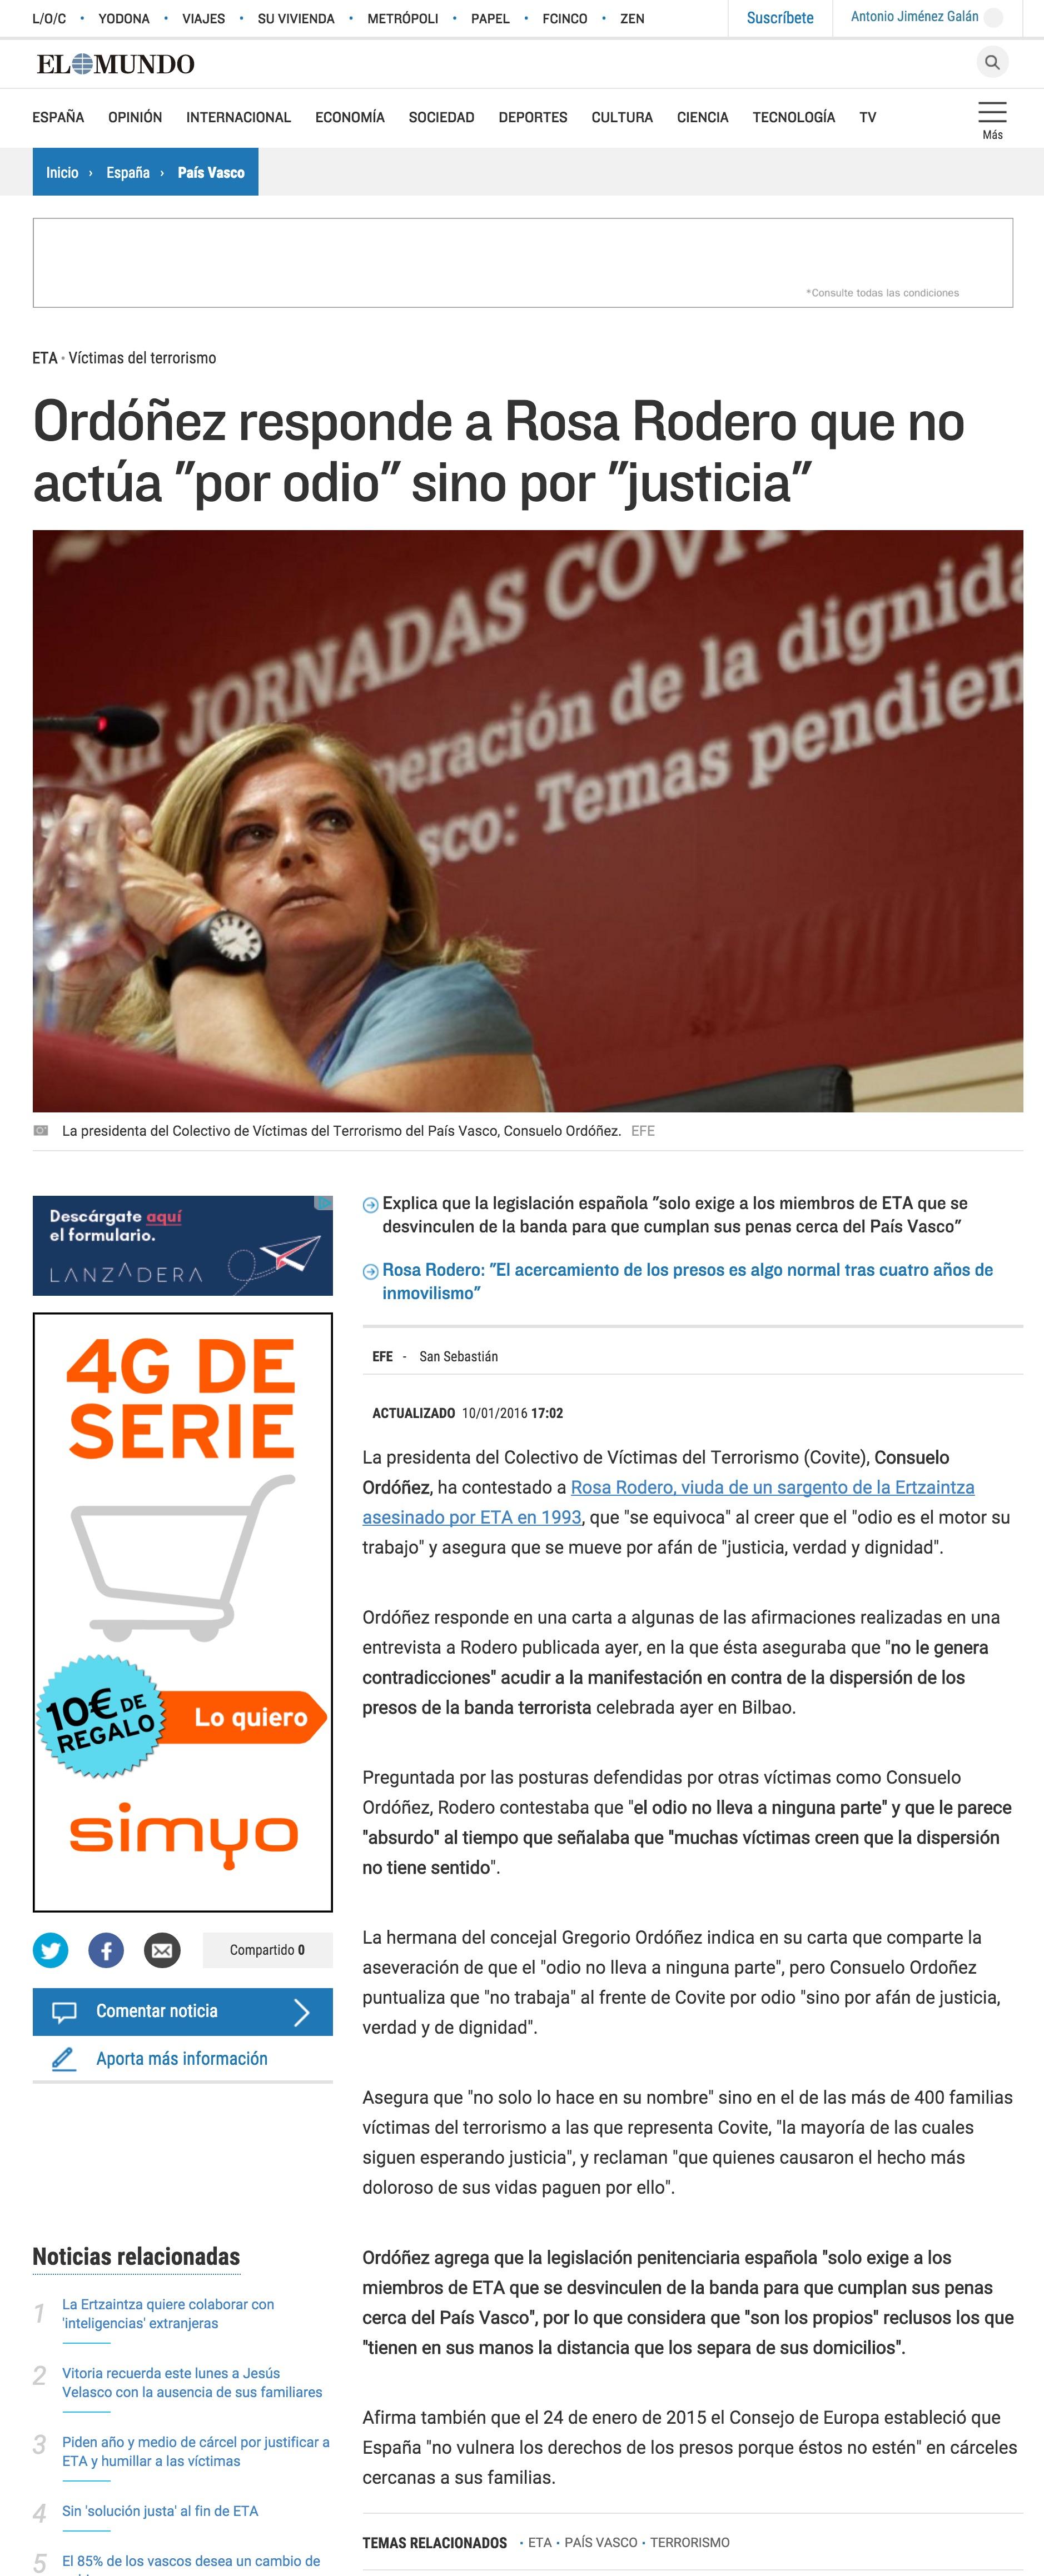 carta_elmundo